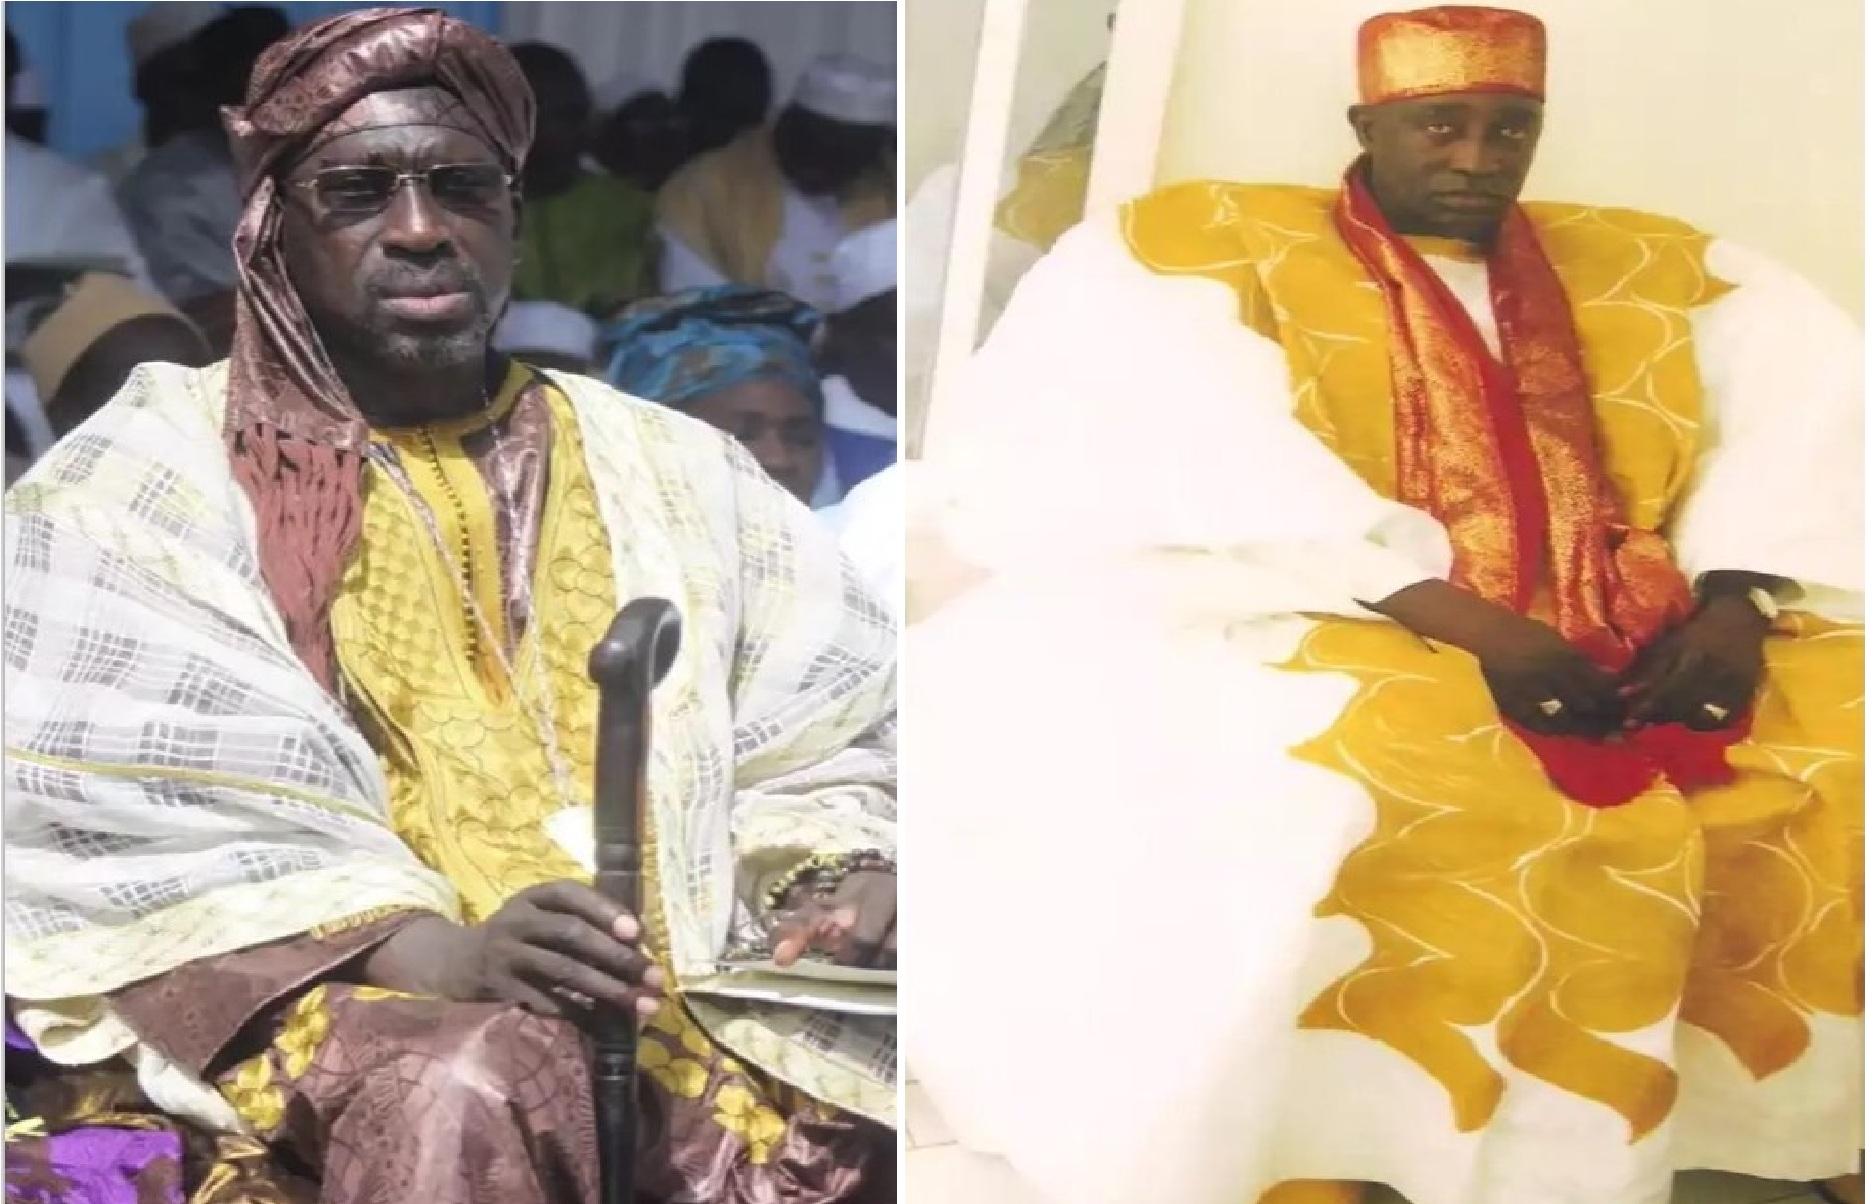 Querelle de légitimité autour du titre de Grand Serigne de Dakar : Abdoulaye Makhtar Diop demande à Macky Sall de trancher